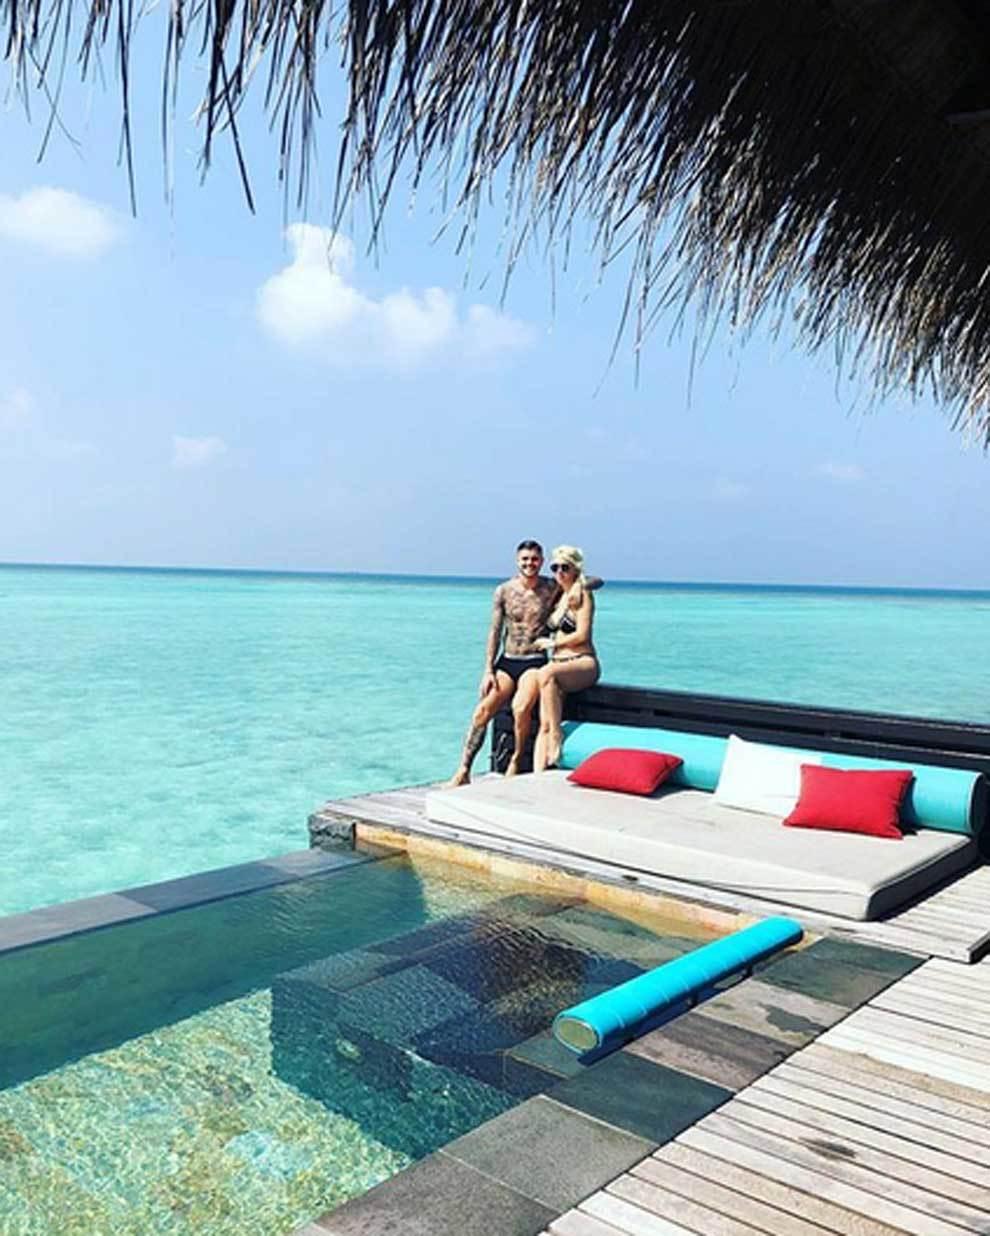 Resultado de imagen para icardi y wanda nara vacaciones